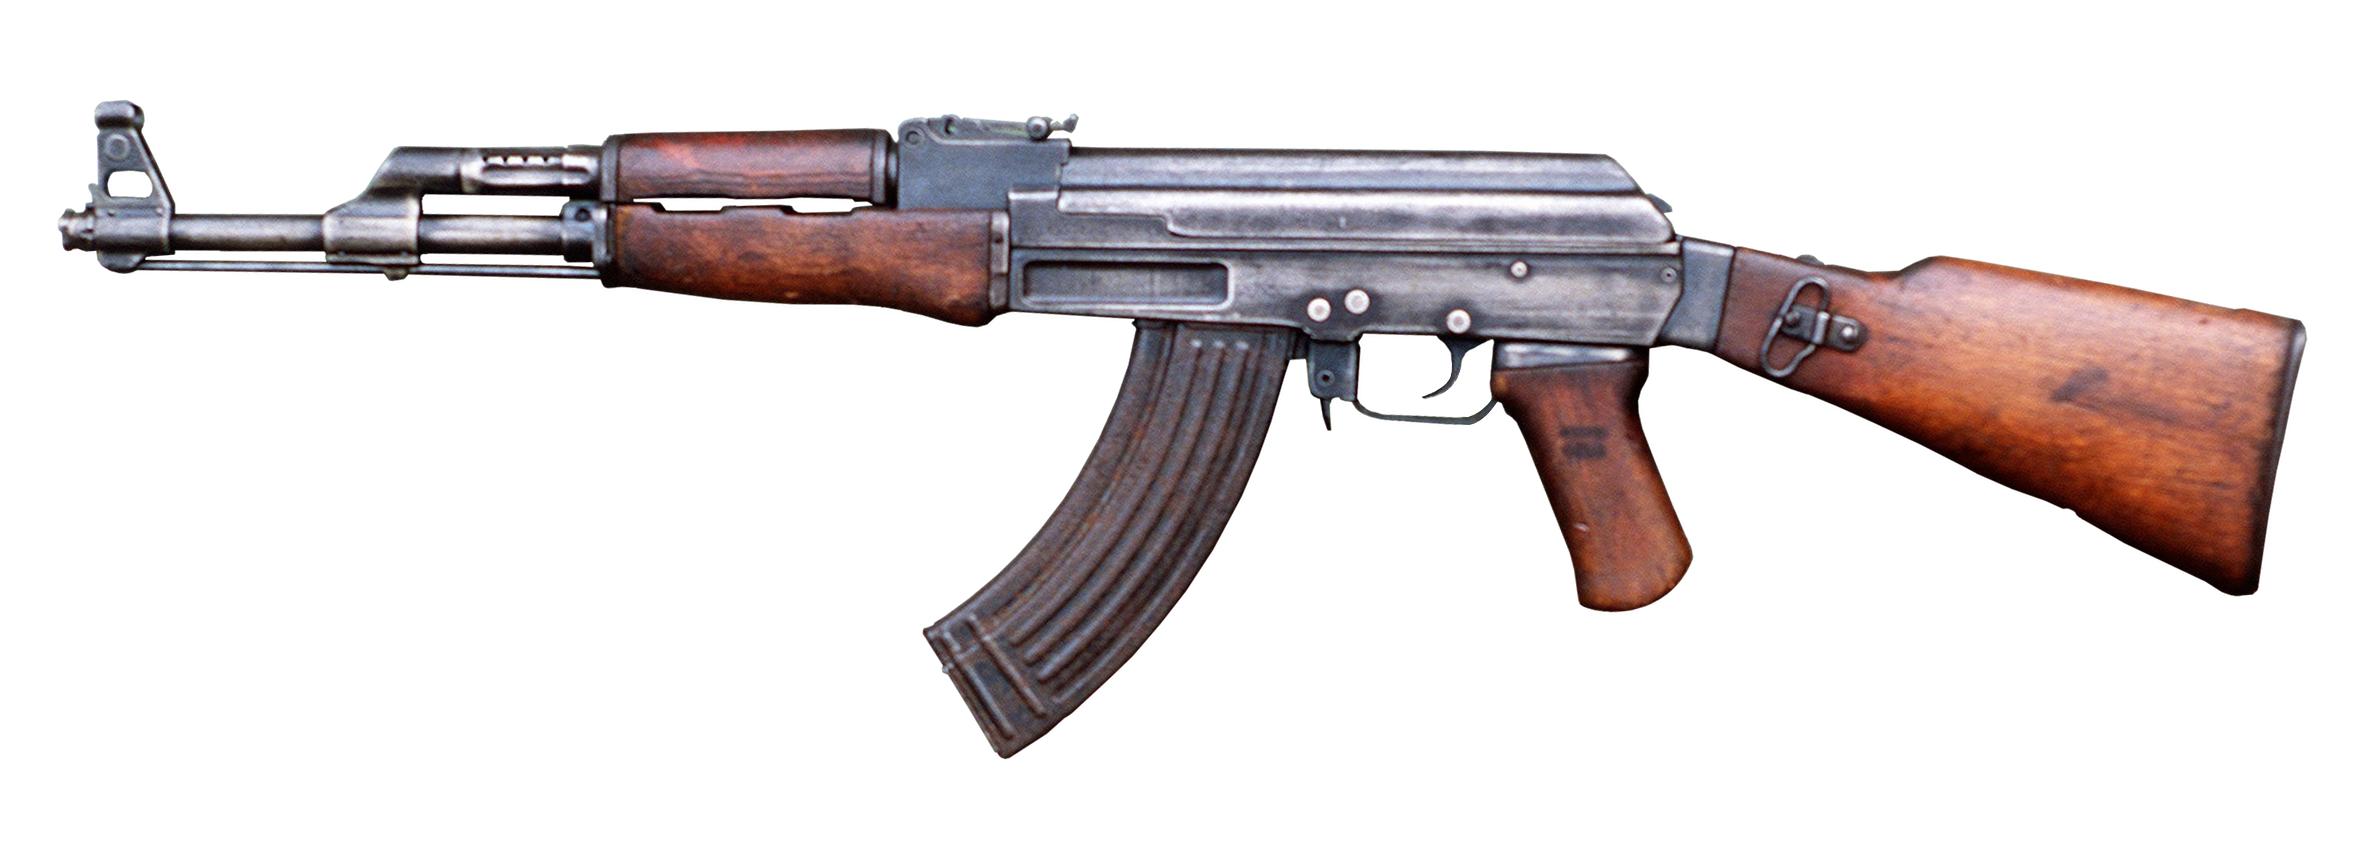 Akk 47